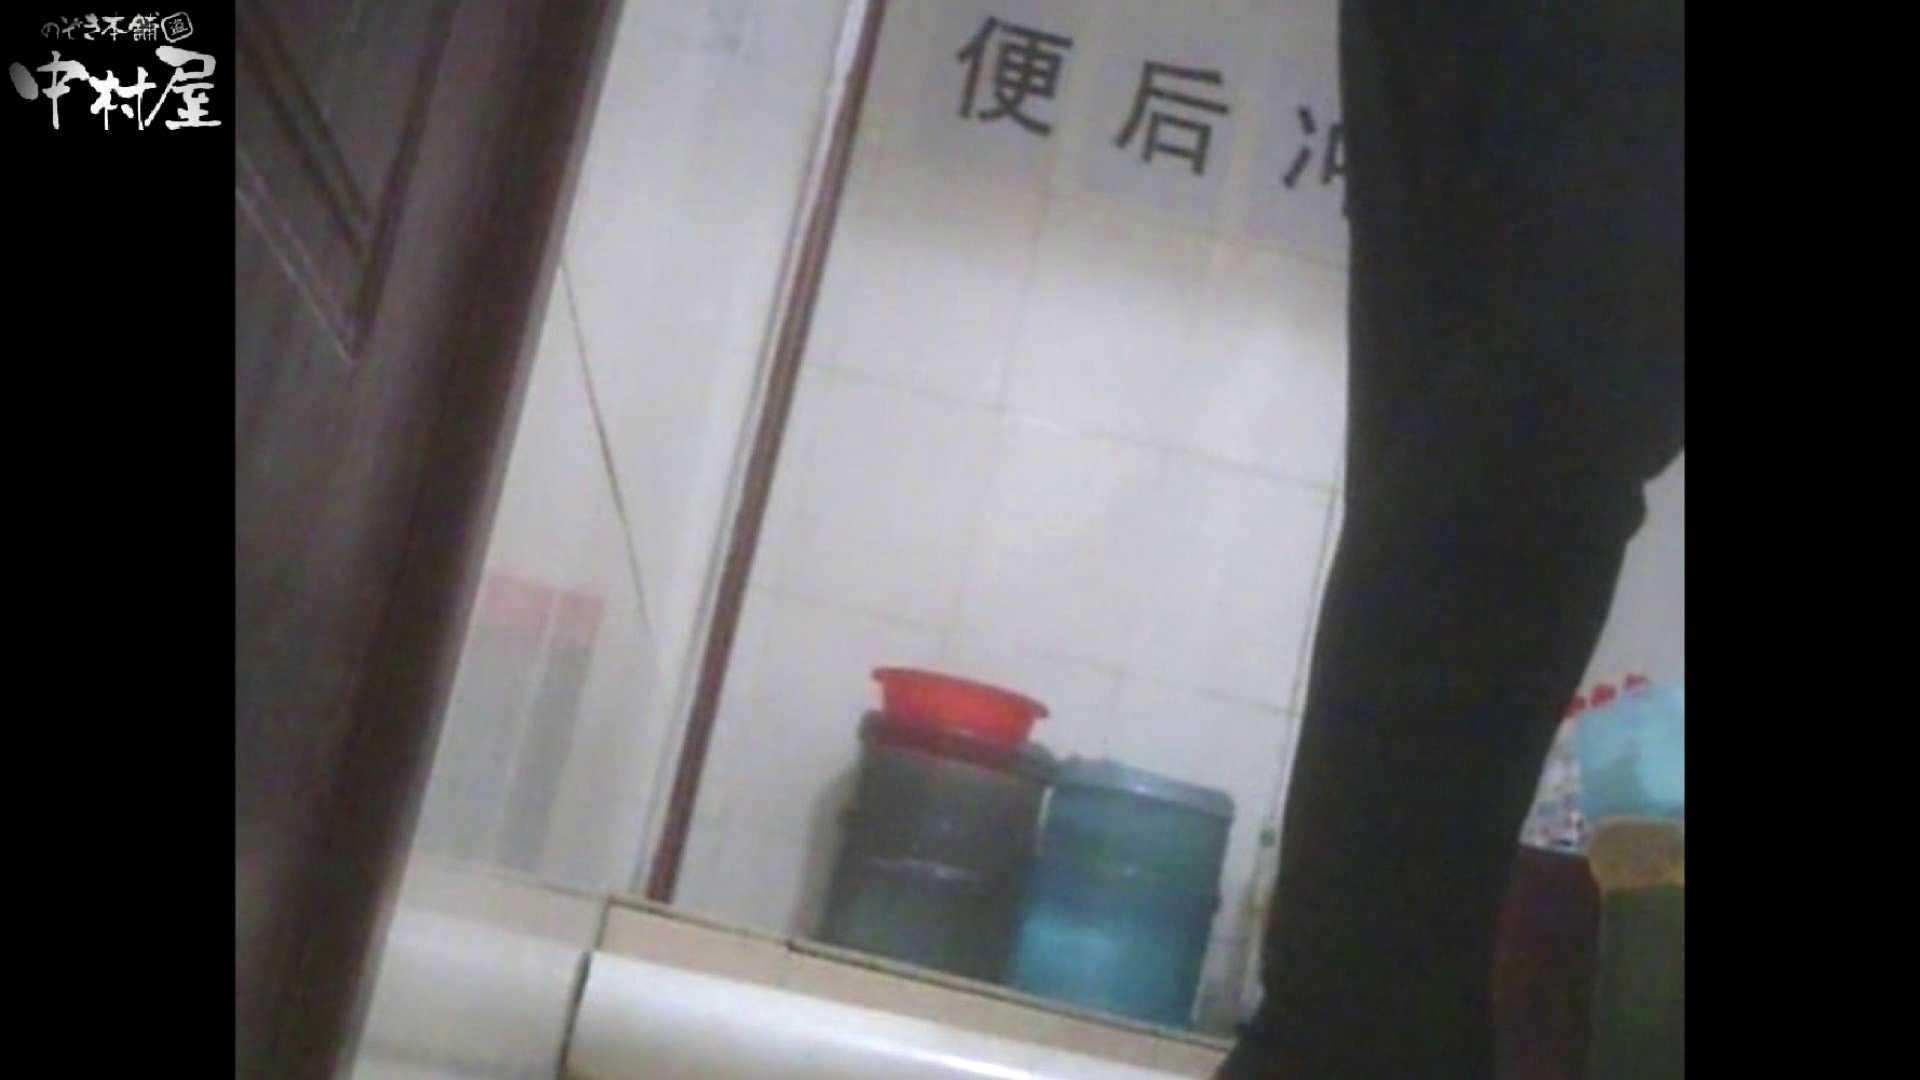 李さんの盗撮日記 Vol.13 和式 | エロギャル  64画像 29